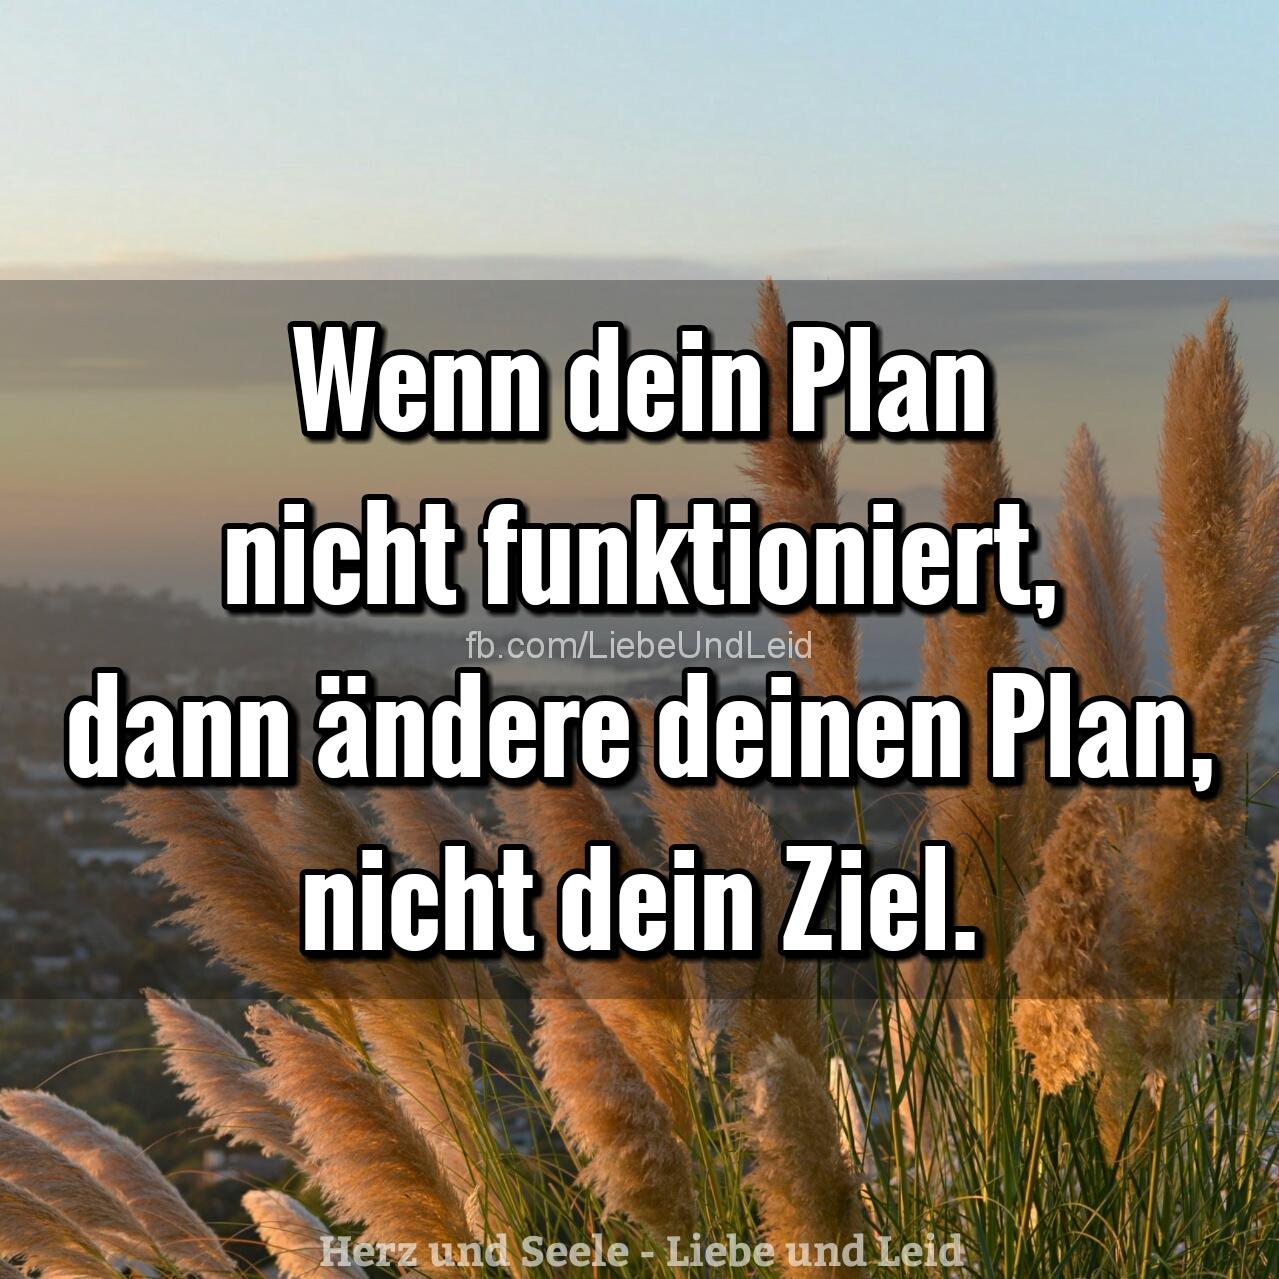 wenn.dein.plan.nicht.funktioniert.dann.aendere